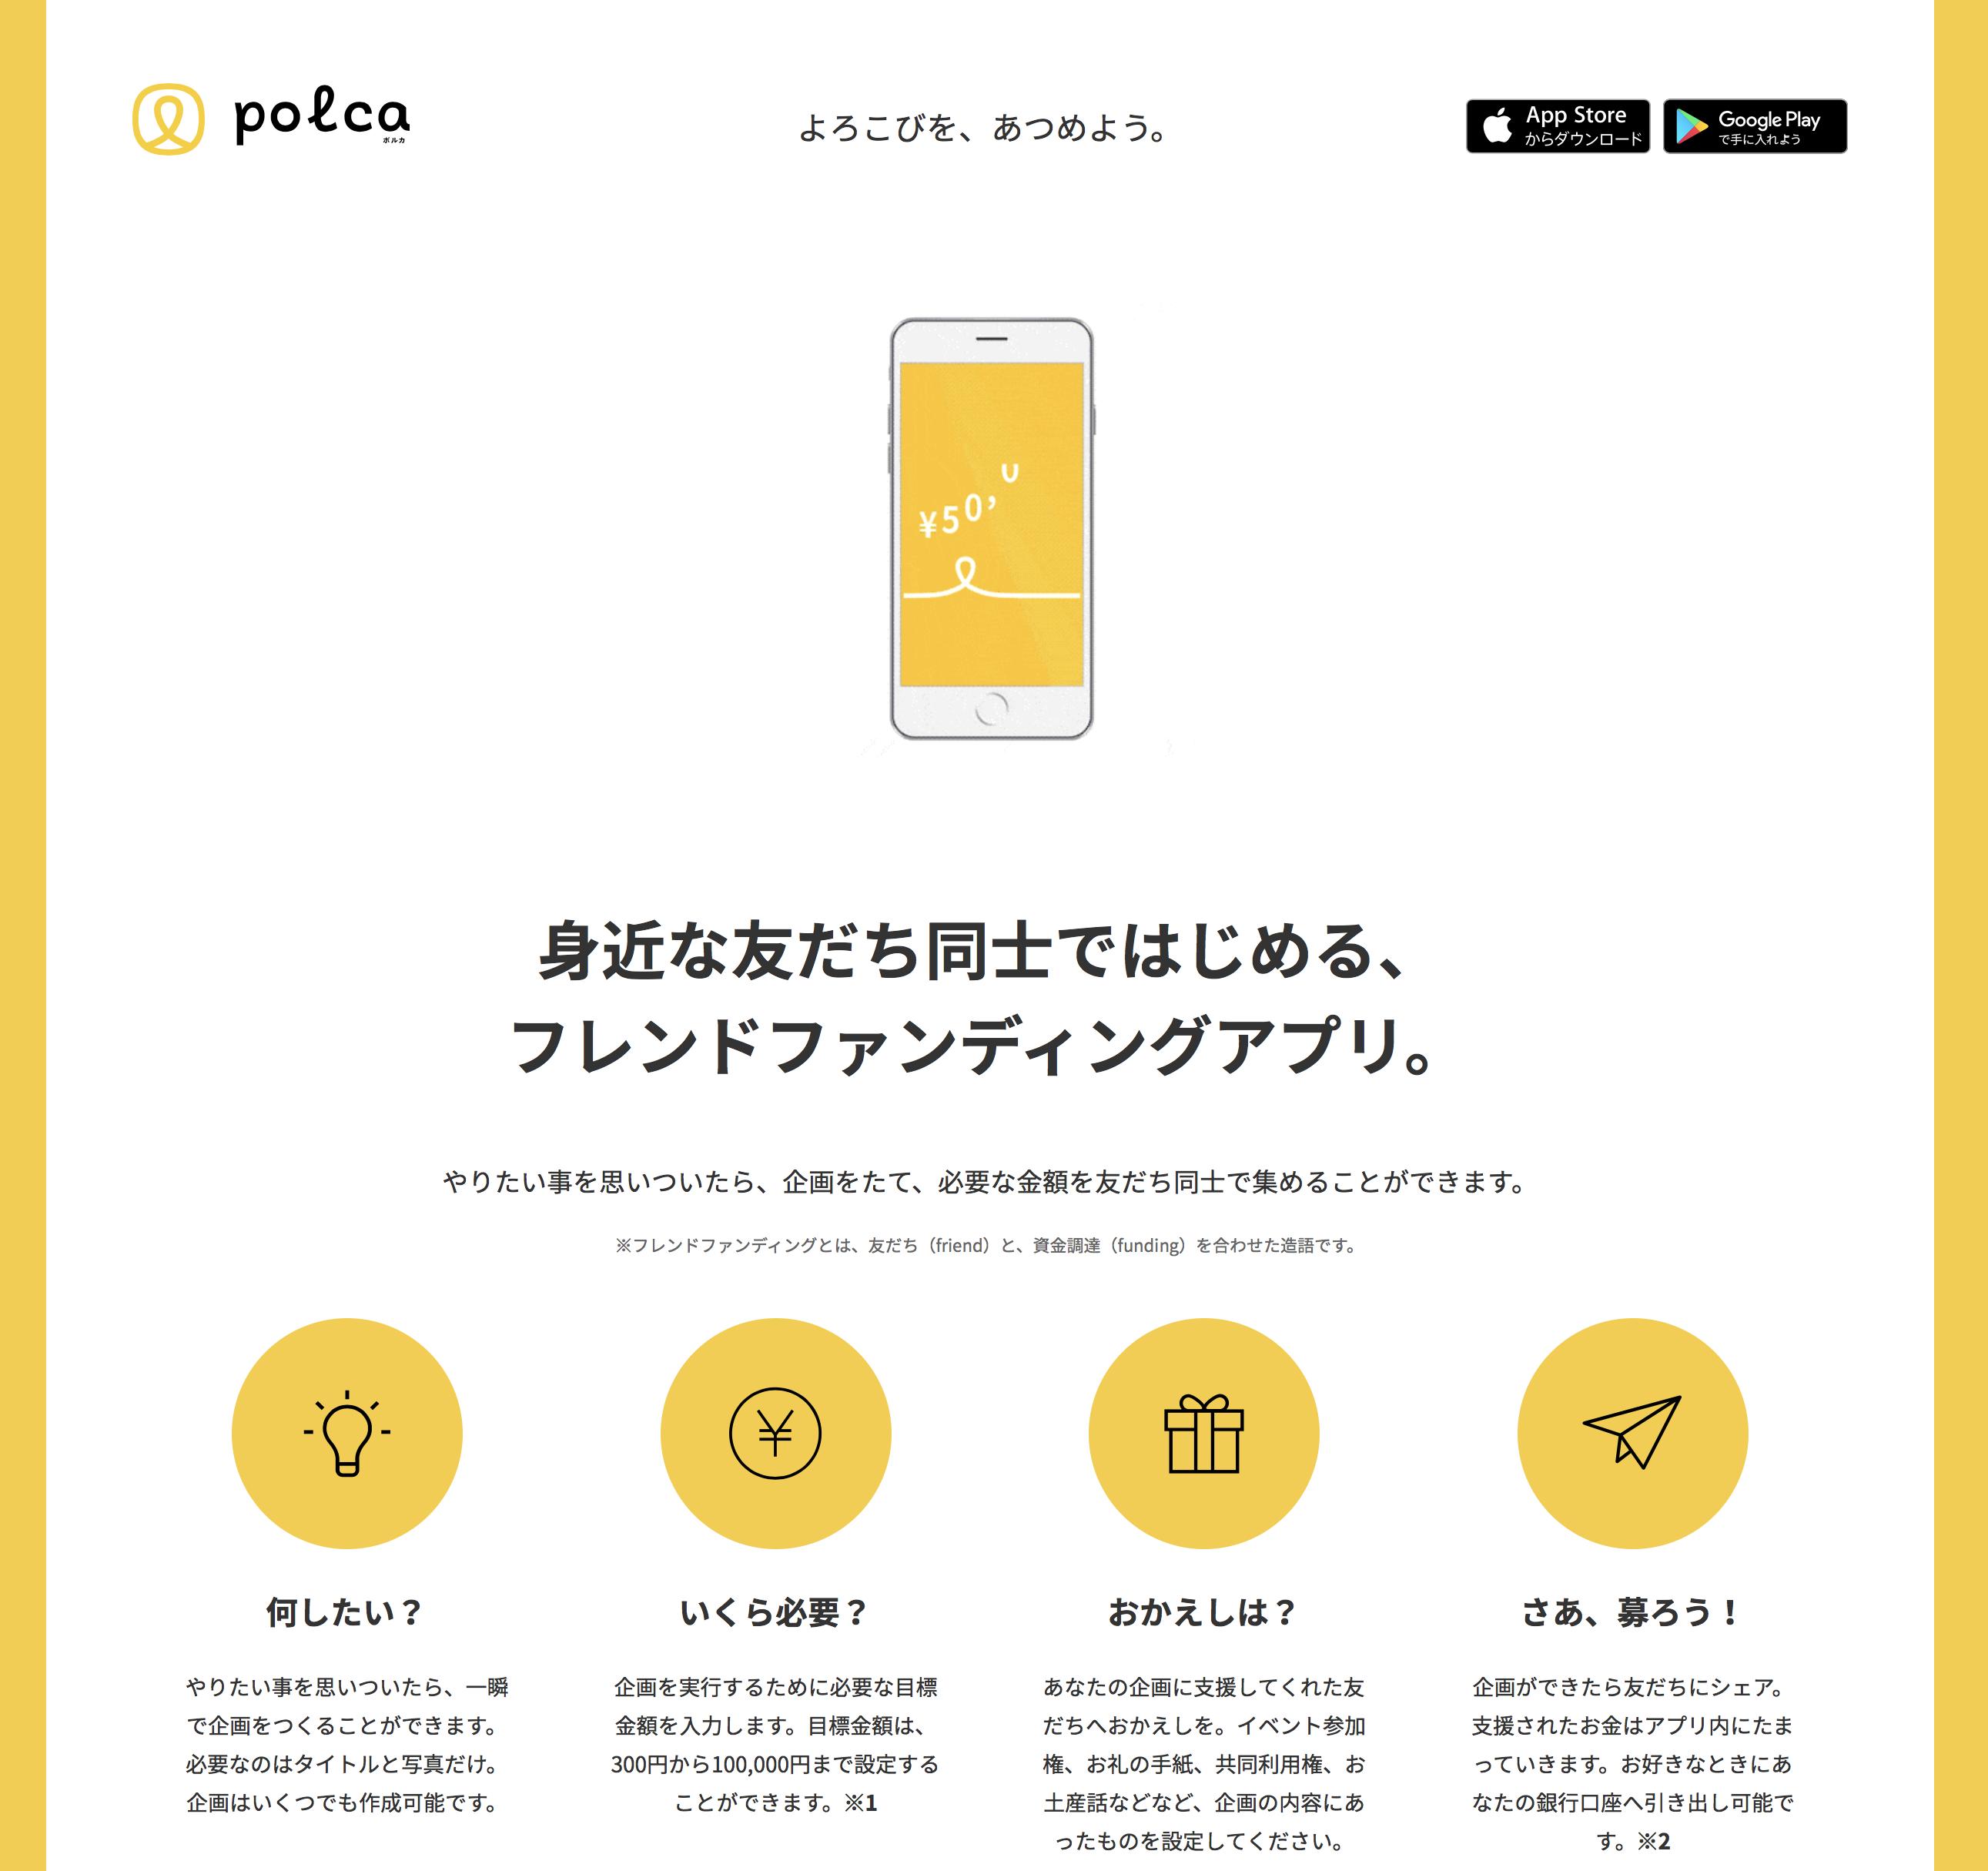 polca(ポルカ)フレンドファンディングアプリ